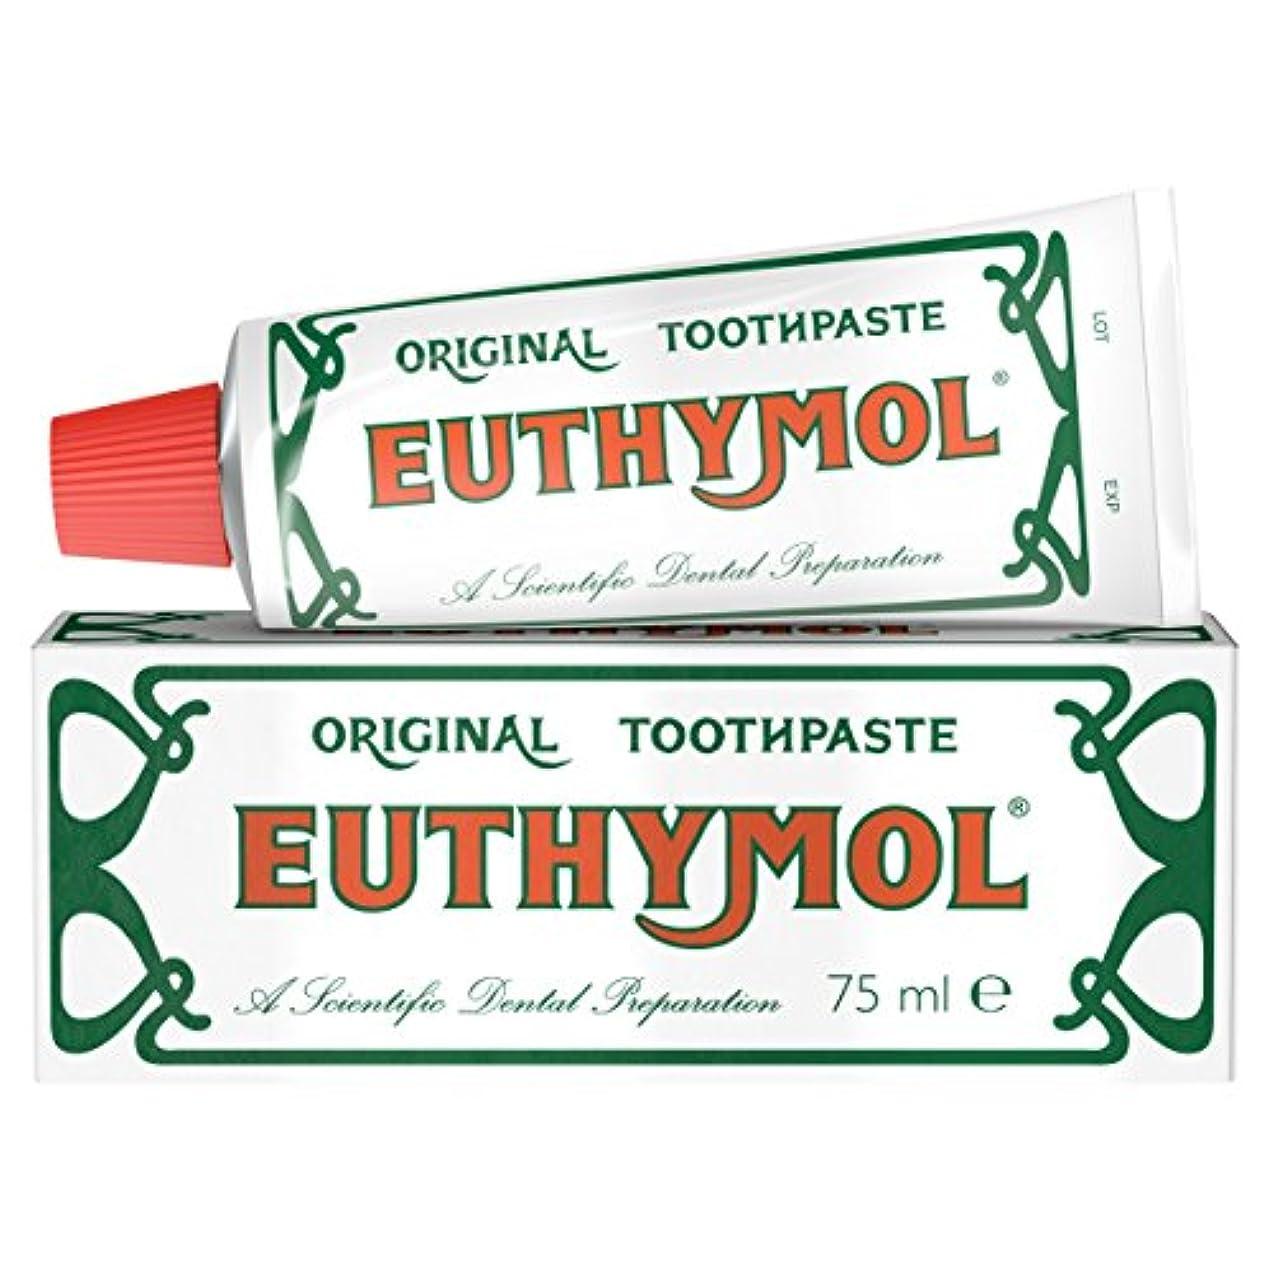 貝殻ゼロ利用可能Euthymol オリジナル歯磨き粉 75ml 並行輸入品 Euthymol Original Toothpaste 75 Ml